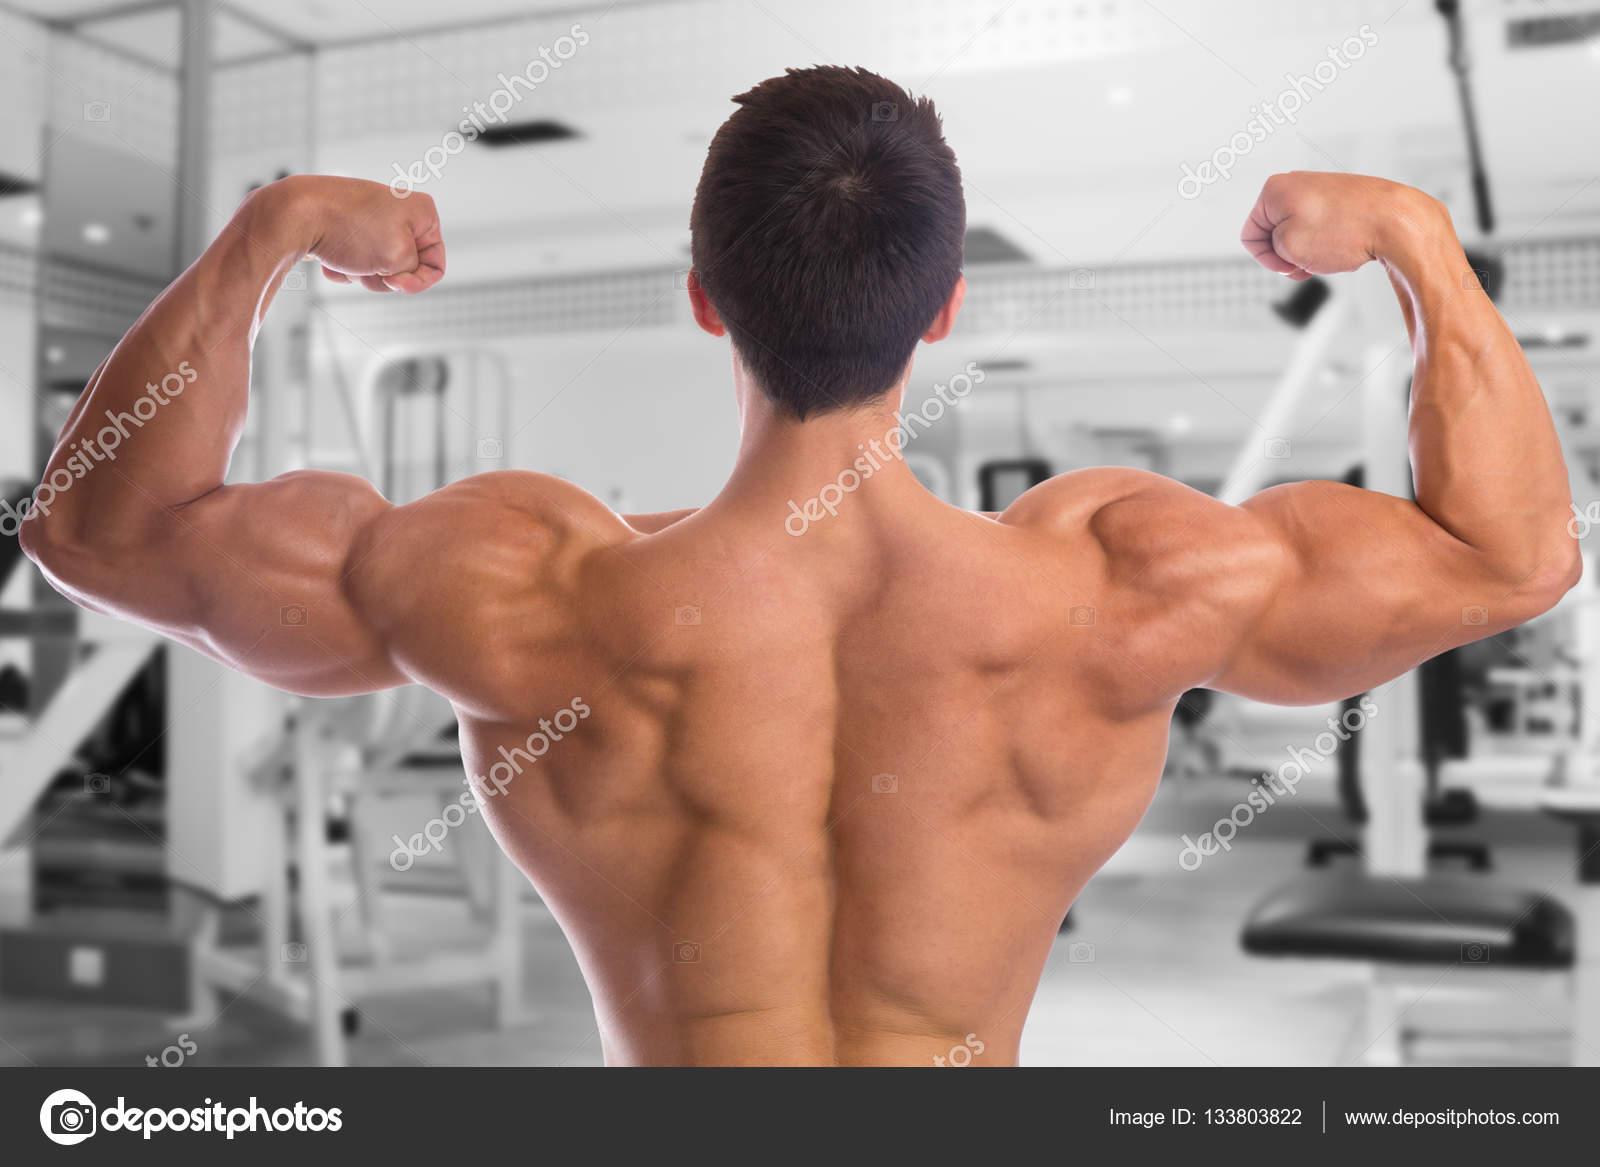 Bodybuilder Bodybuilding Muskeln Fitnessstudio Rücken Bizeps posiert ...